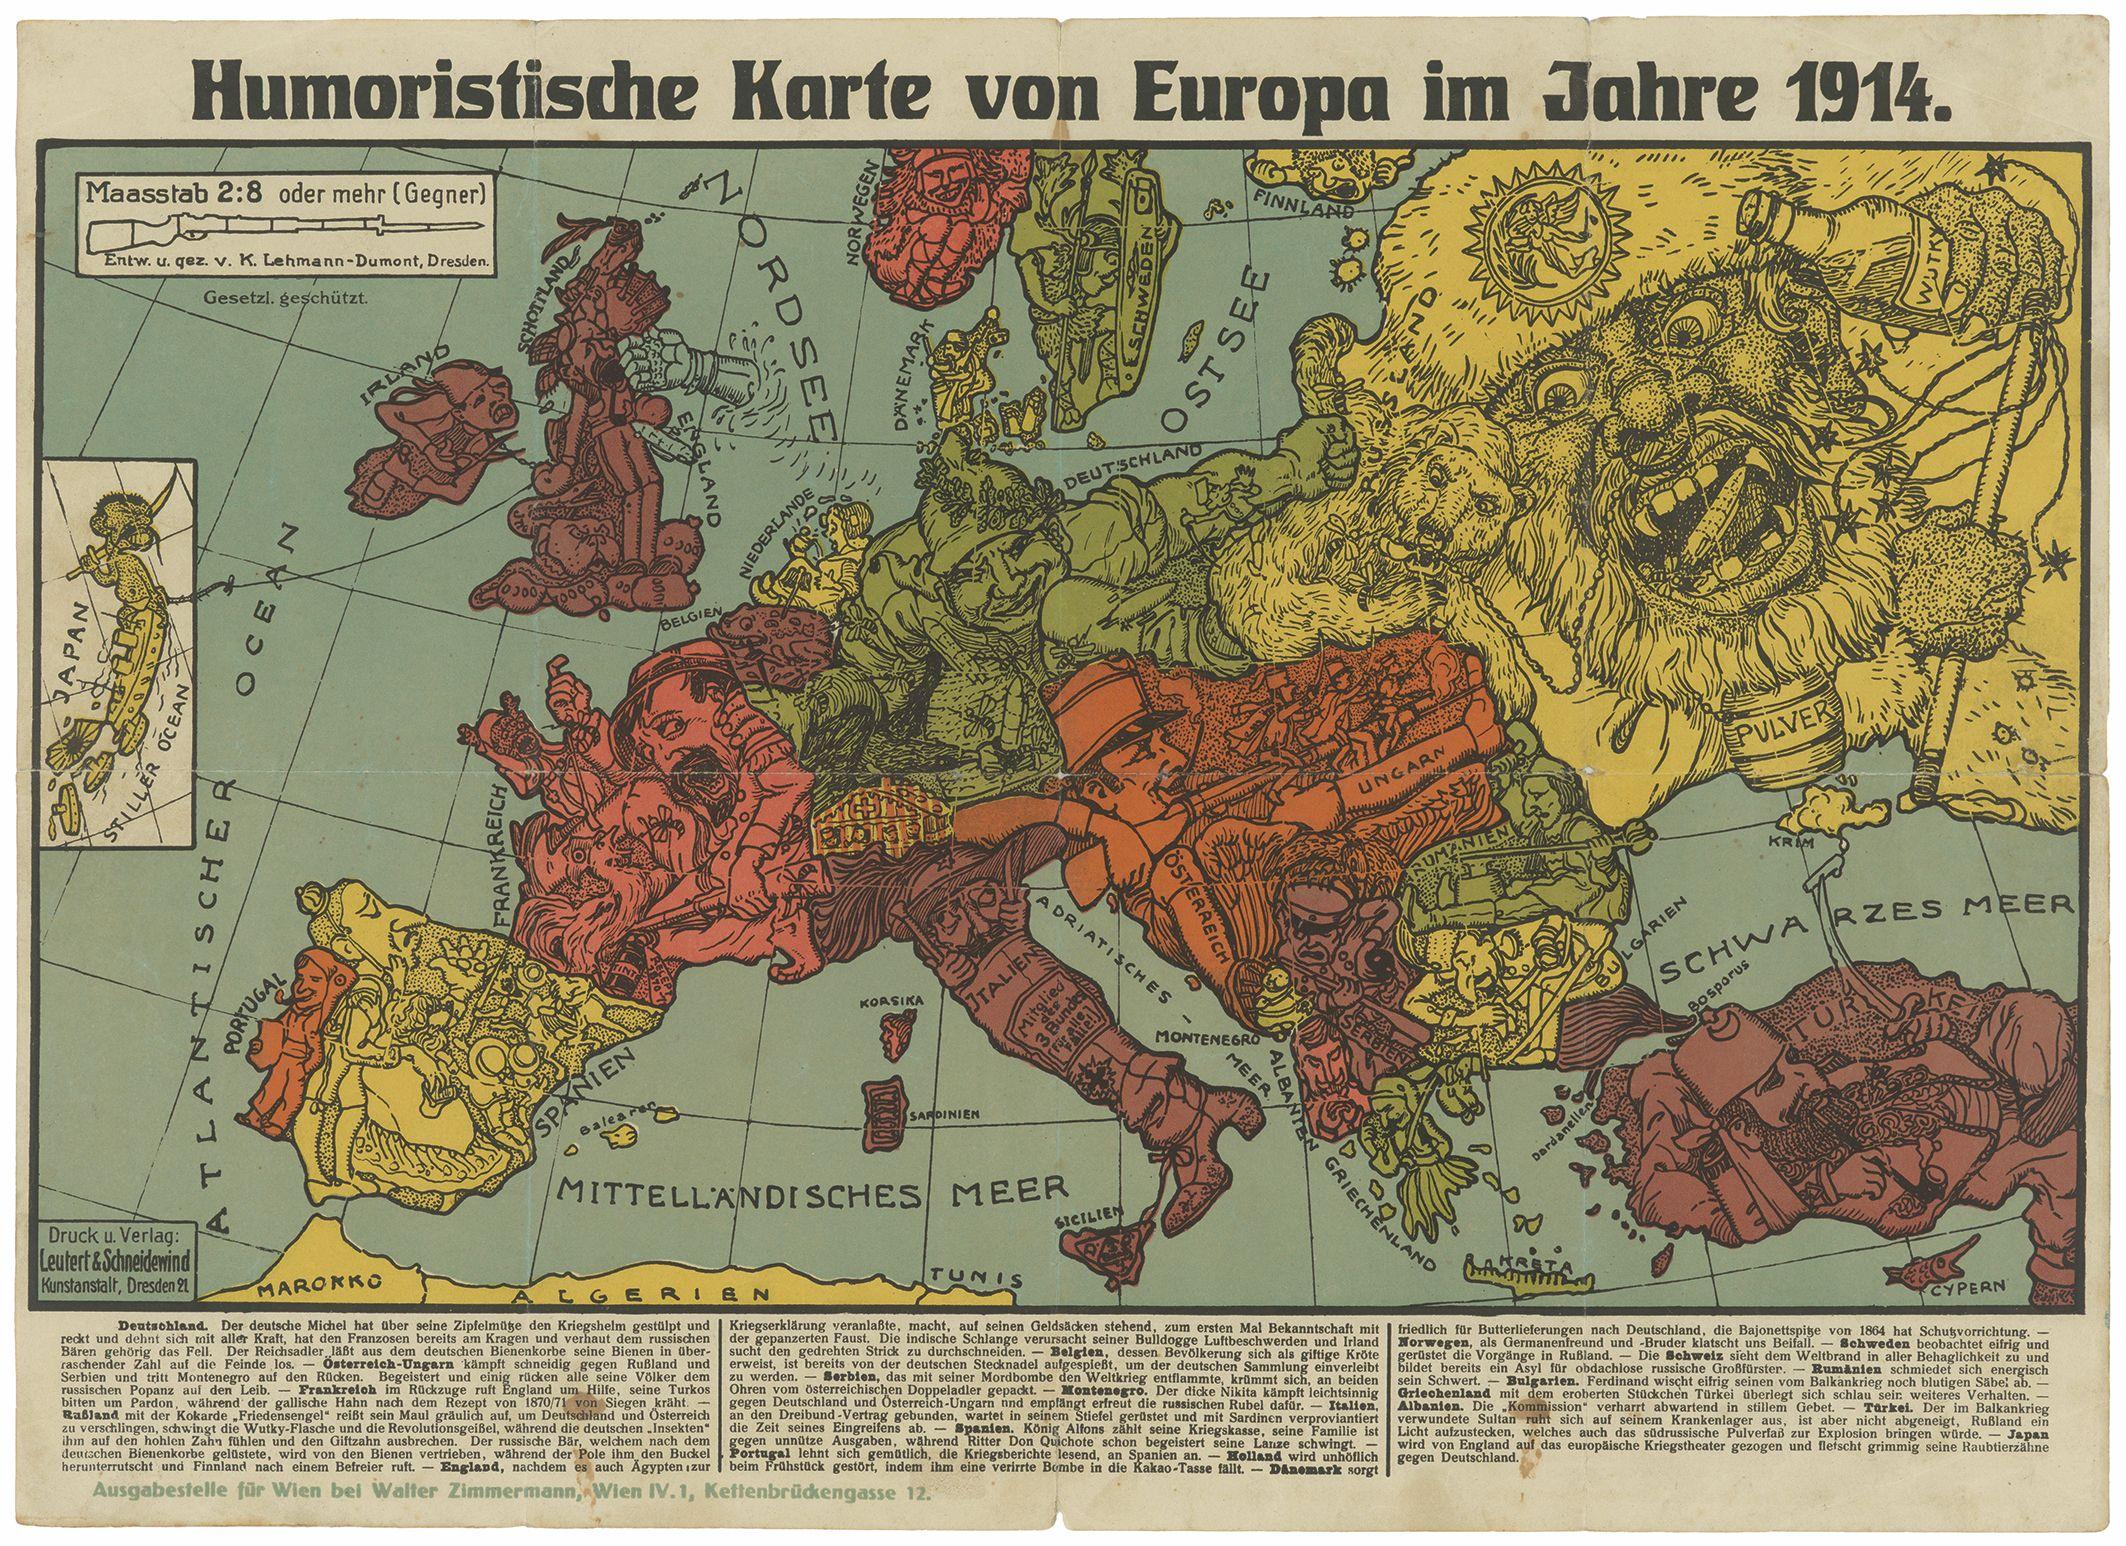 Karte Von Europa 1914.Humoristische Karte Europa 1914 Masterpieces Map Europe